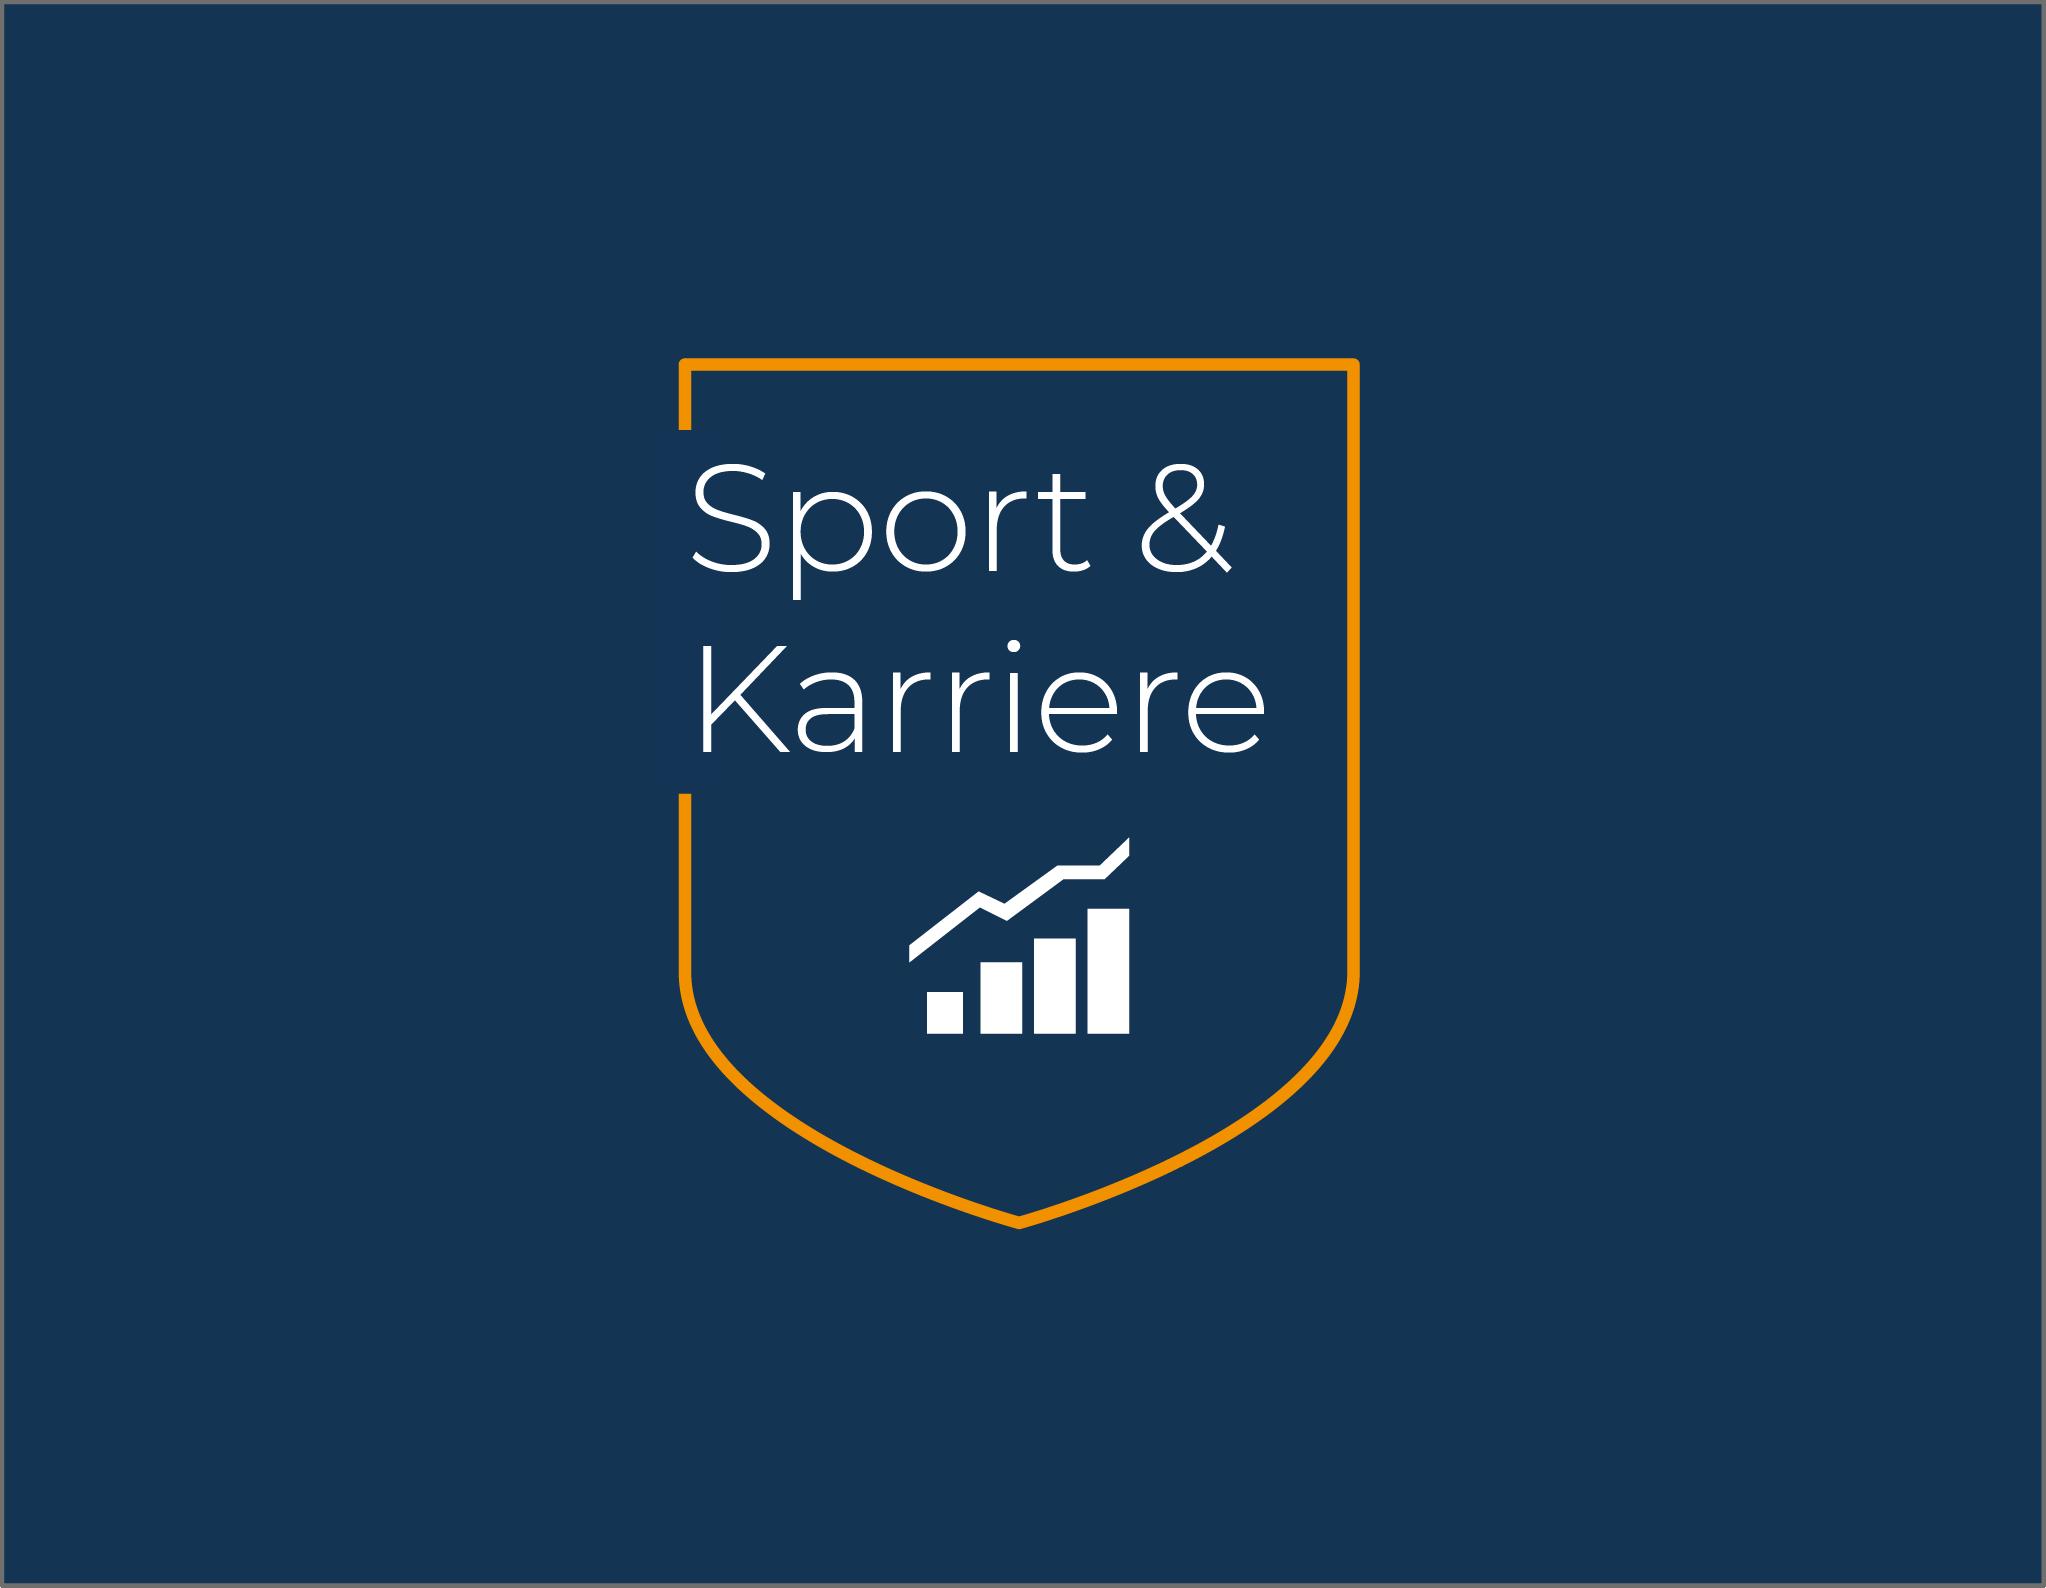 Sport & Karriere Sportwirtschaft